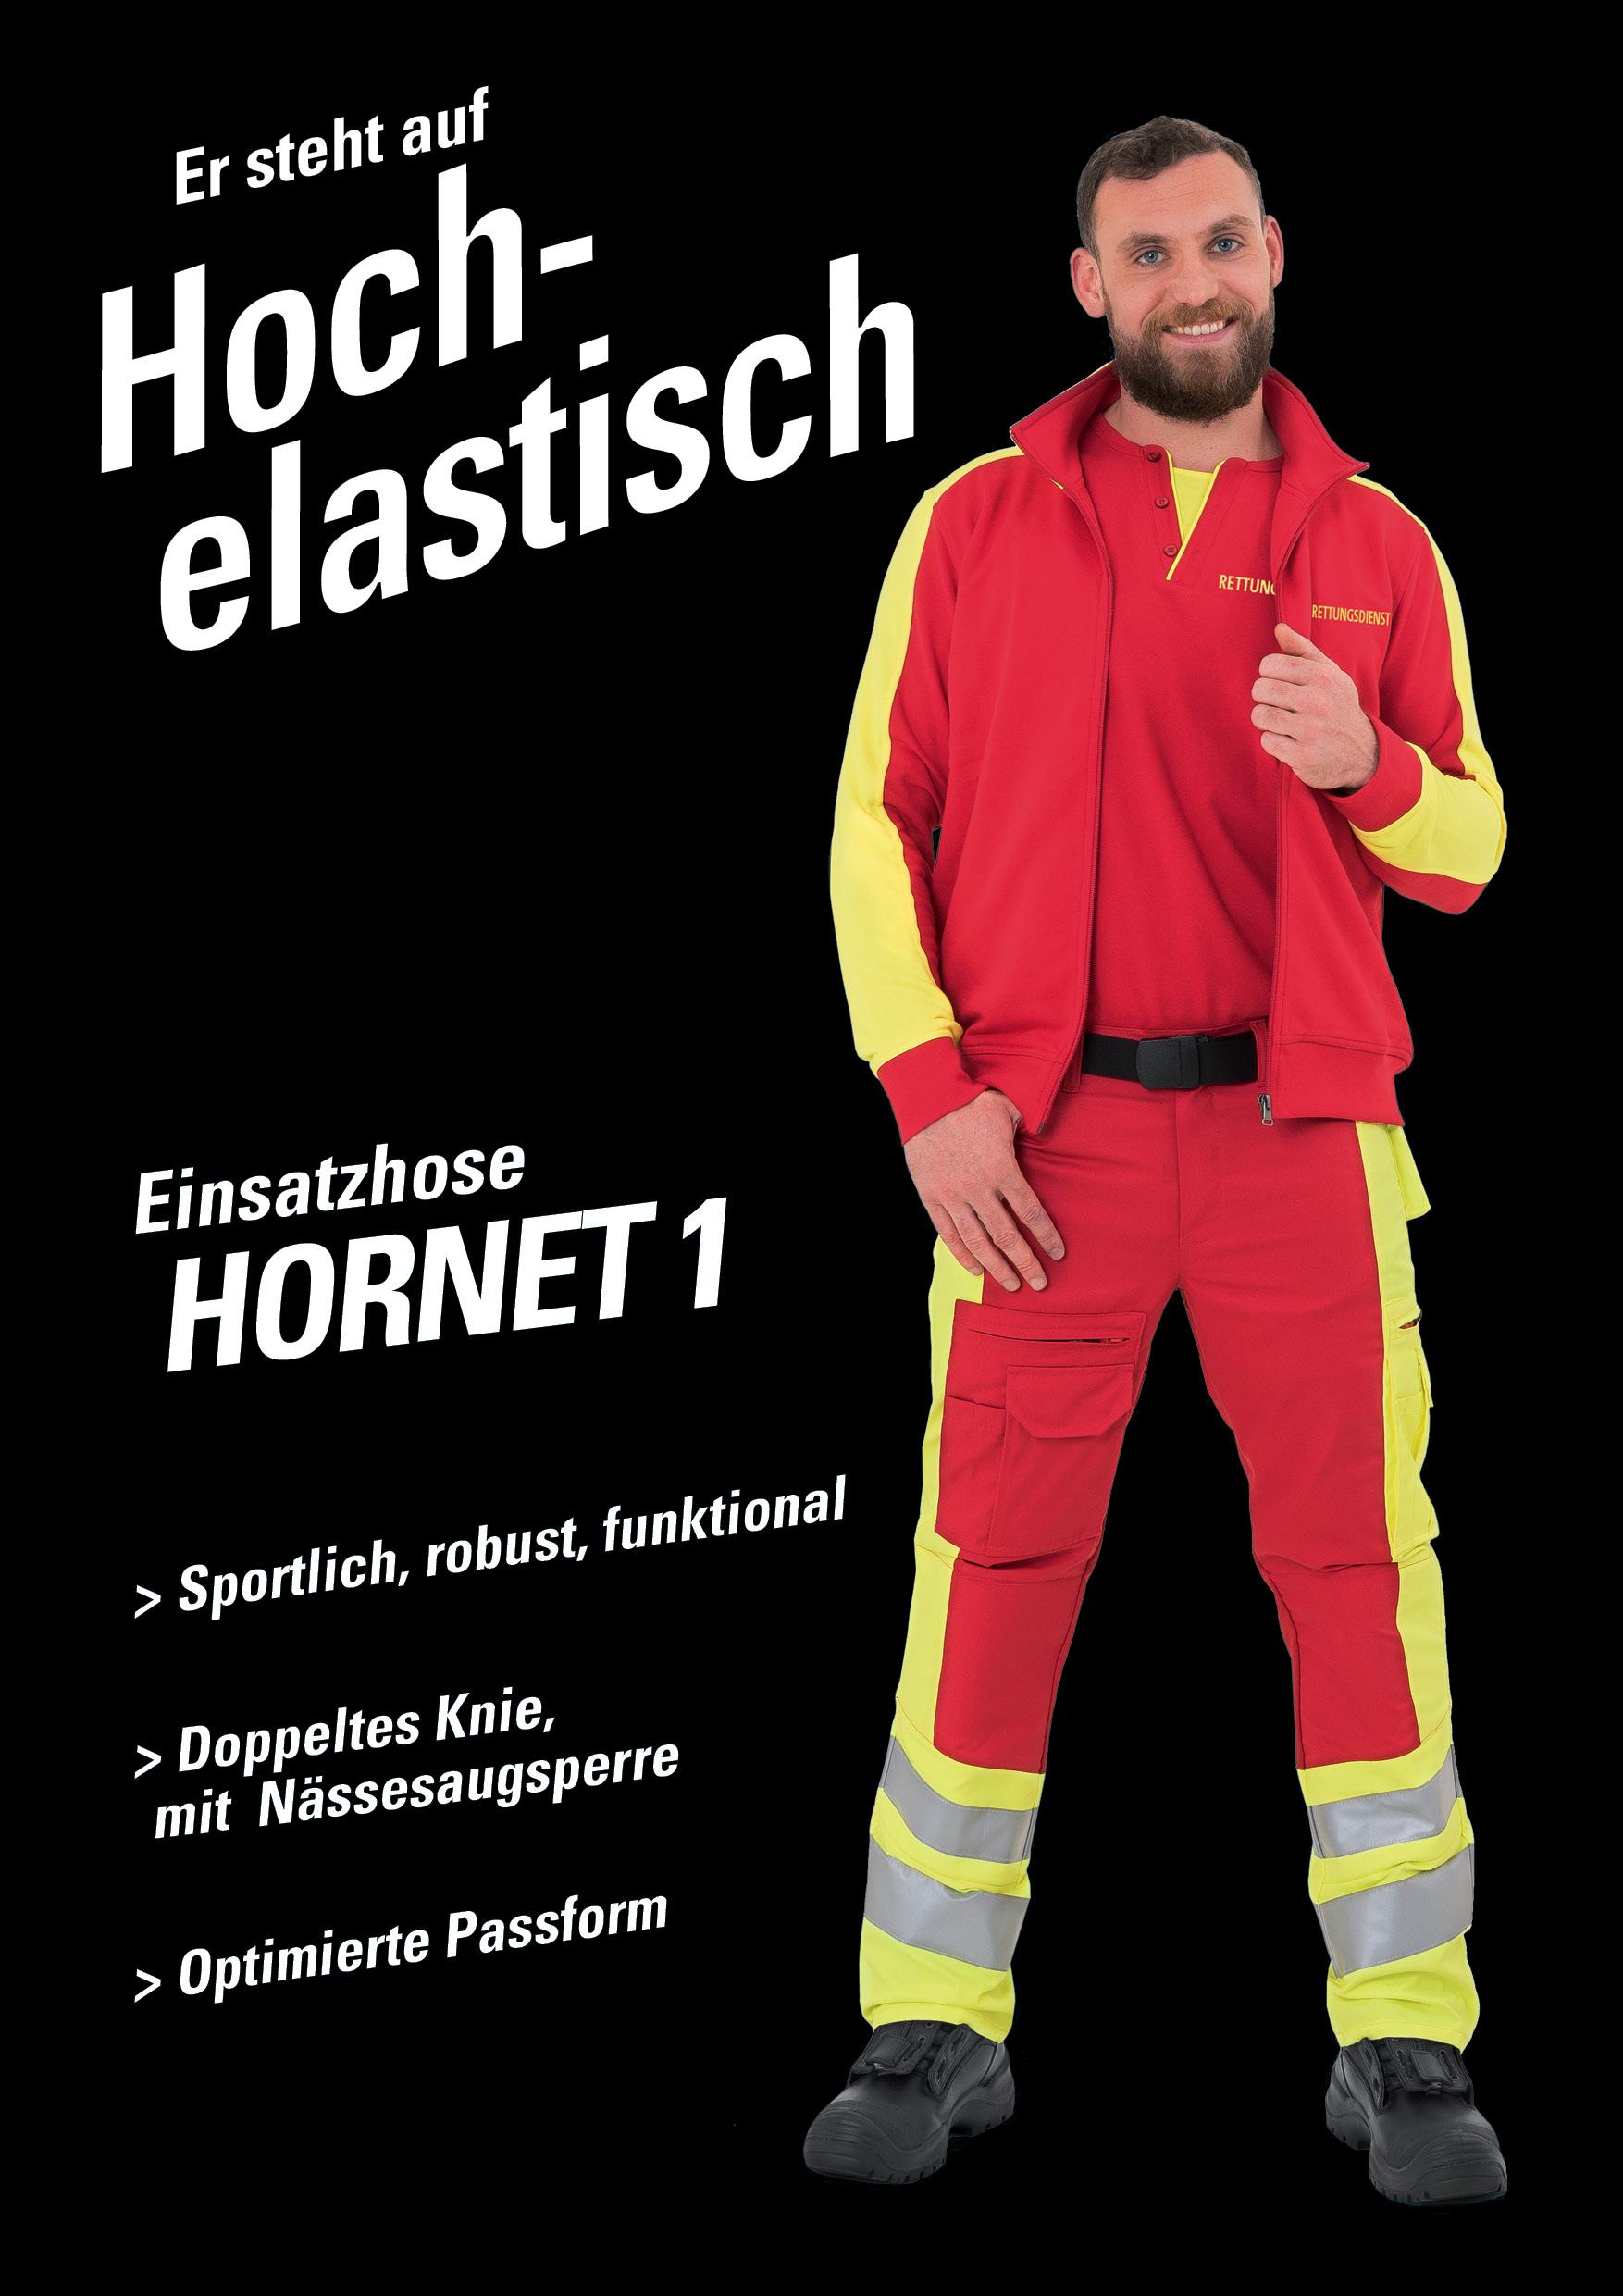 web-werbung-Hornet1